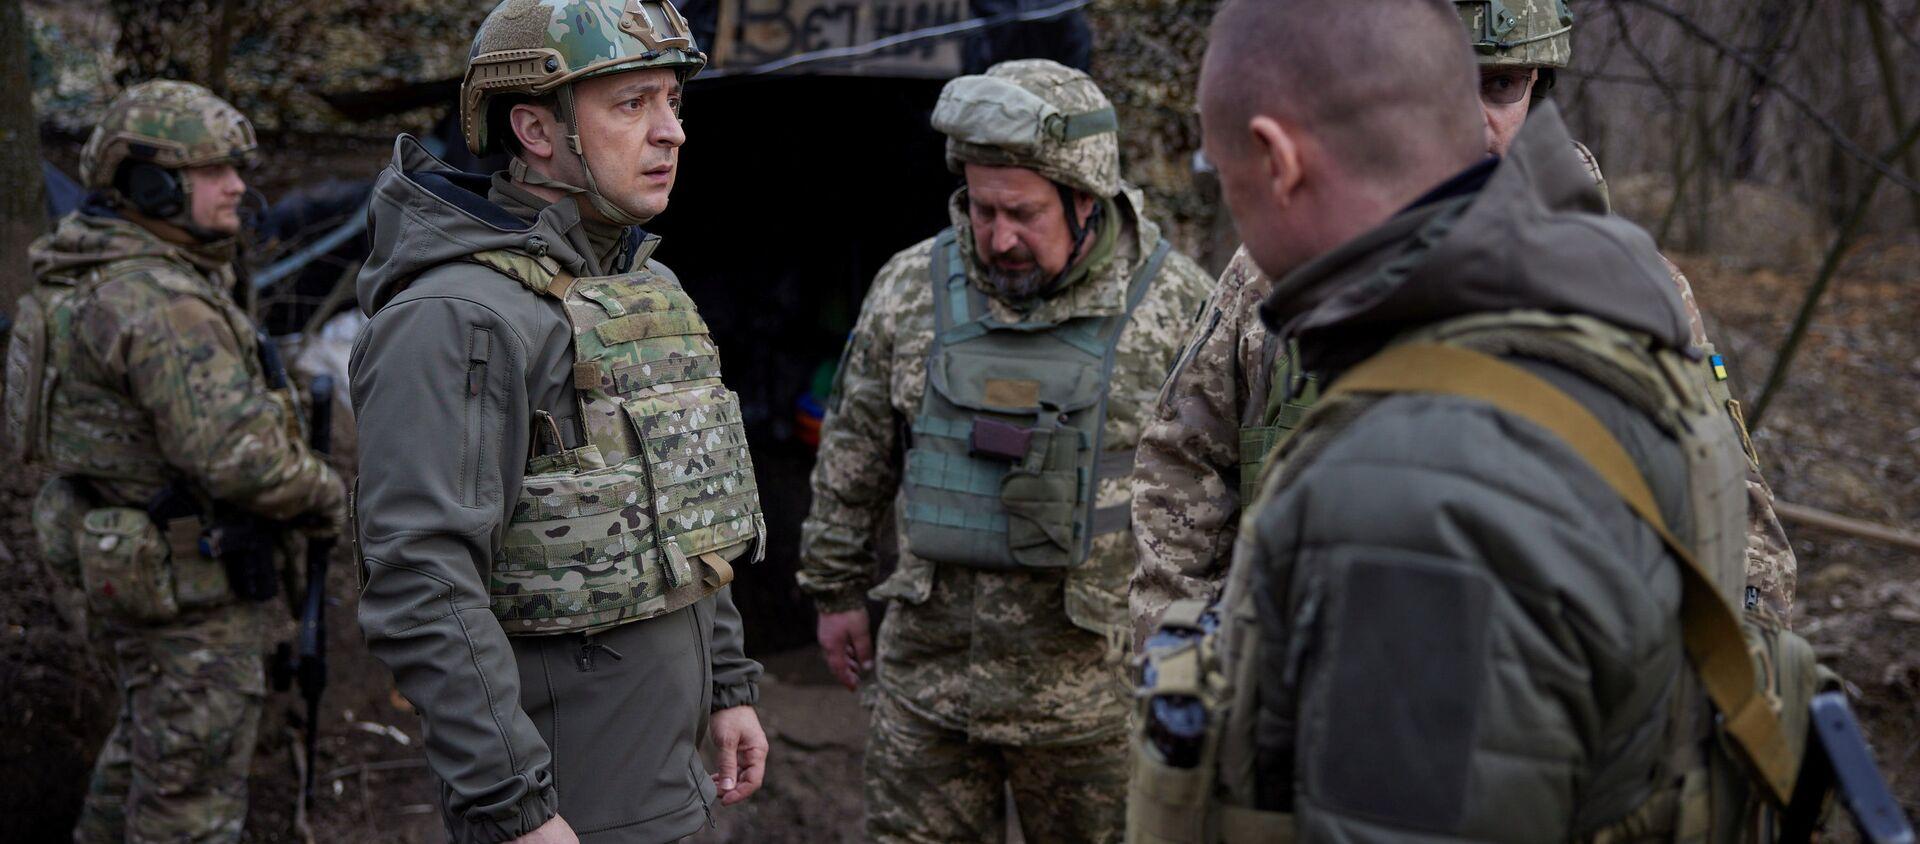 Prezydent Ukrainy Wołodymyr Zełenski podczas wizyty na stanowiskach ukraińskich sił zbrojnych w Donbasie - Sputnik Polska, 1920, 09.06.2021